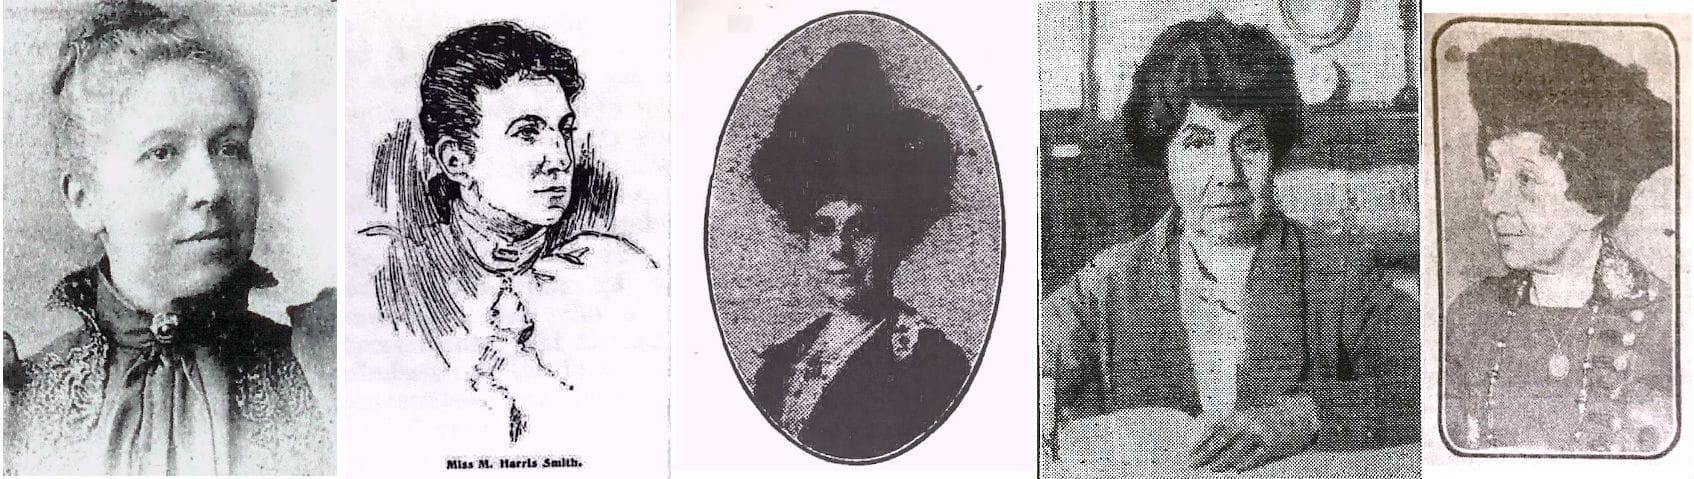 Mary Harris Smith